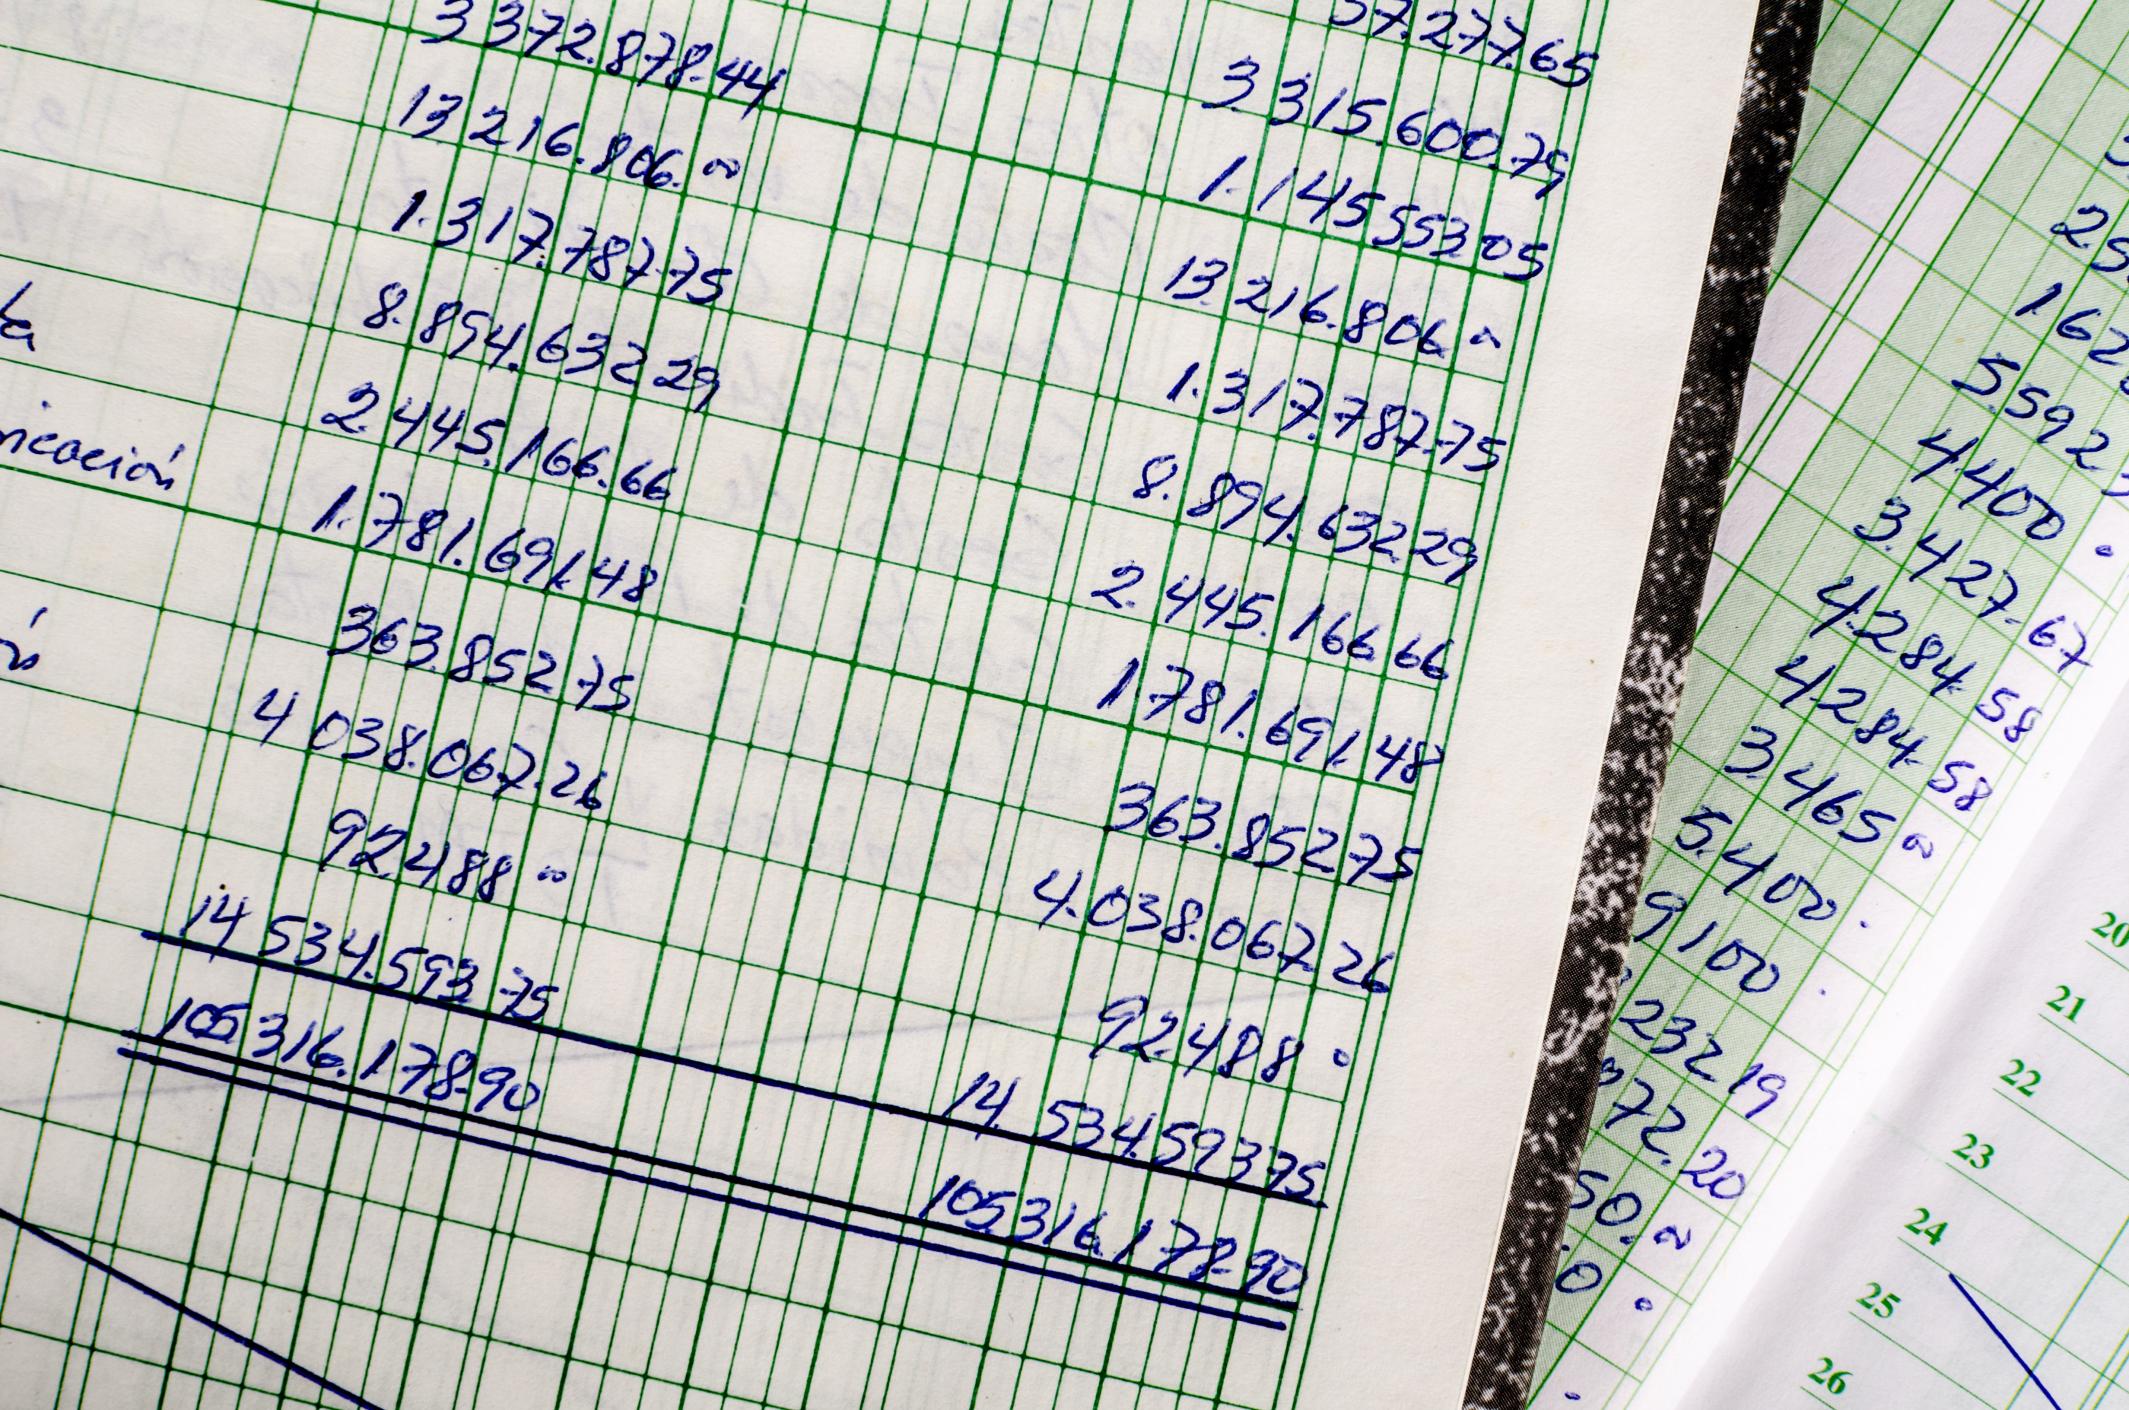 Handwritten accounting